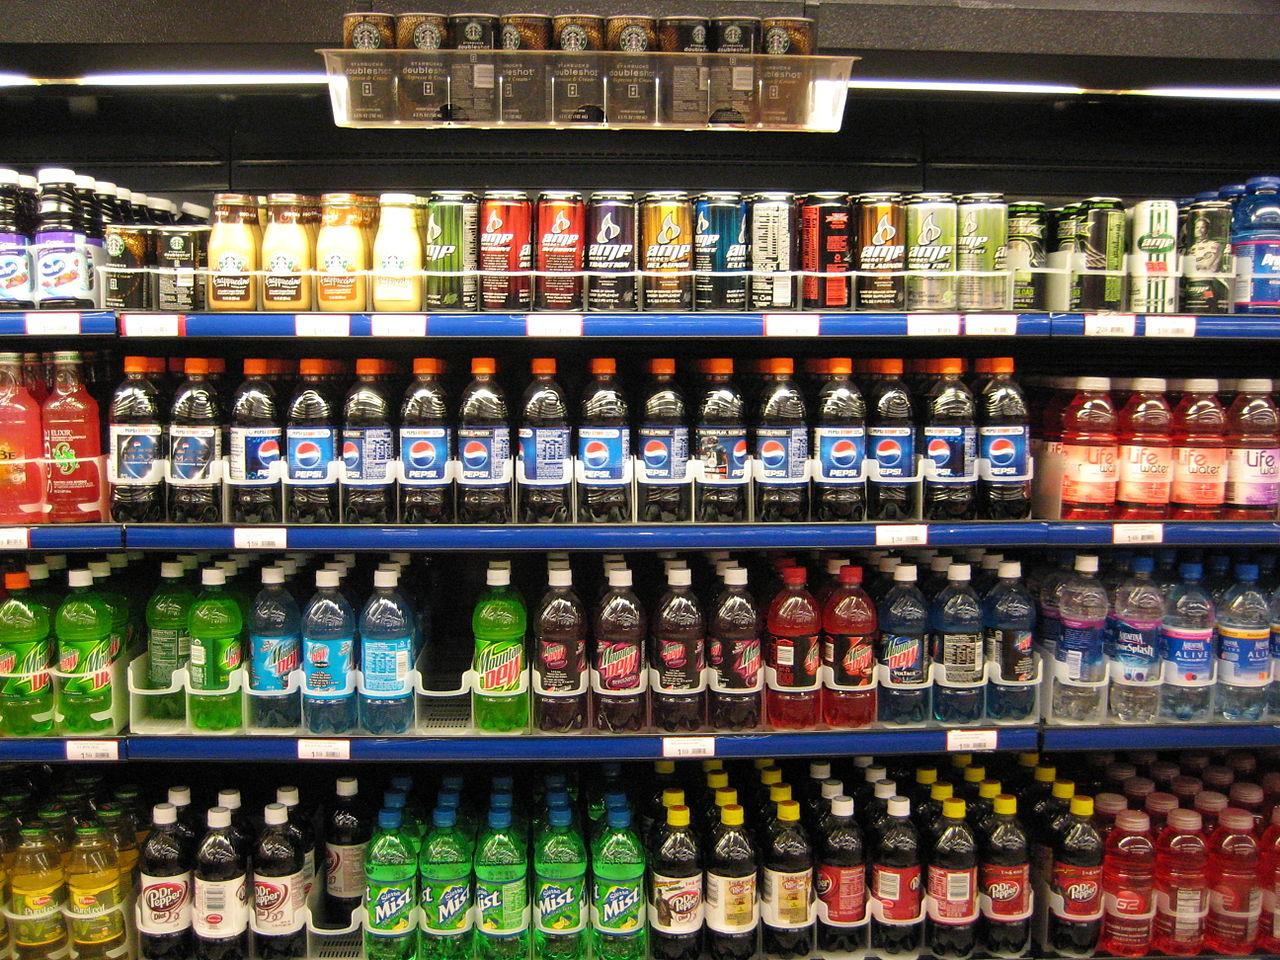 ¿Quién no está de acuerdo con aumentar los impuestos al azúcar?